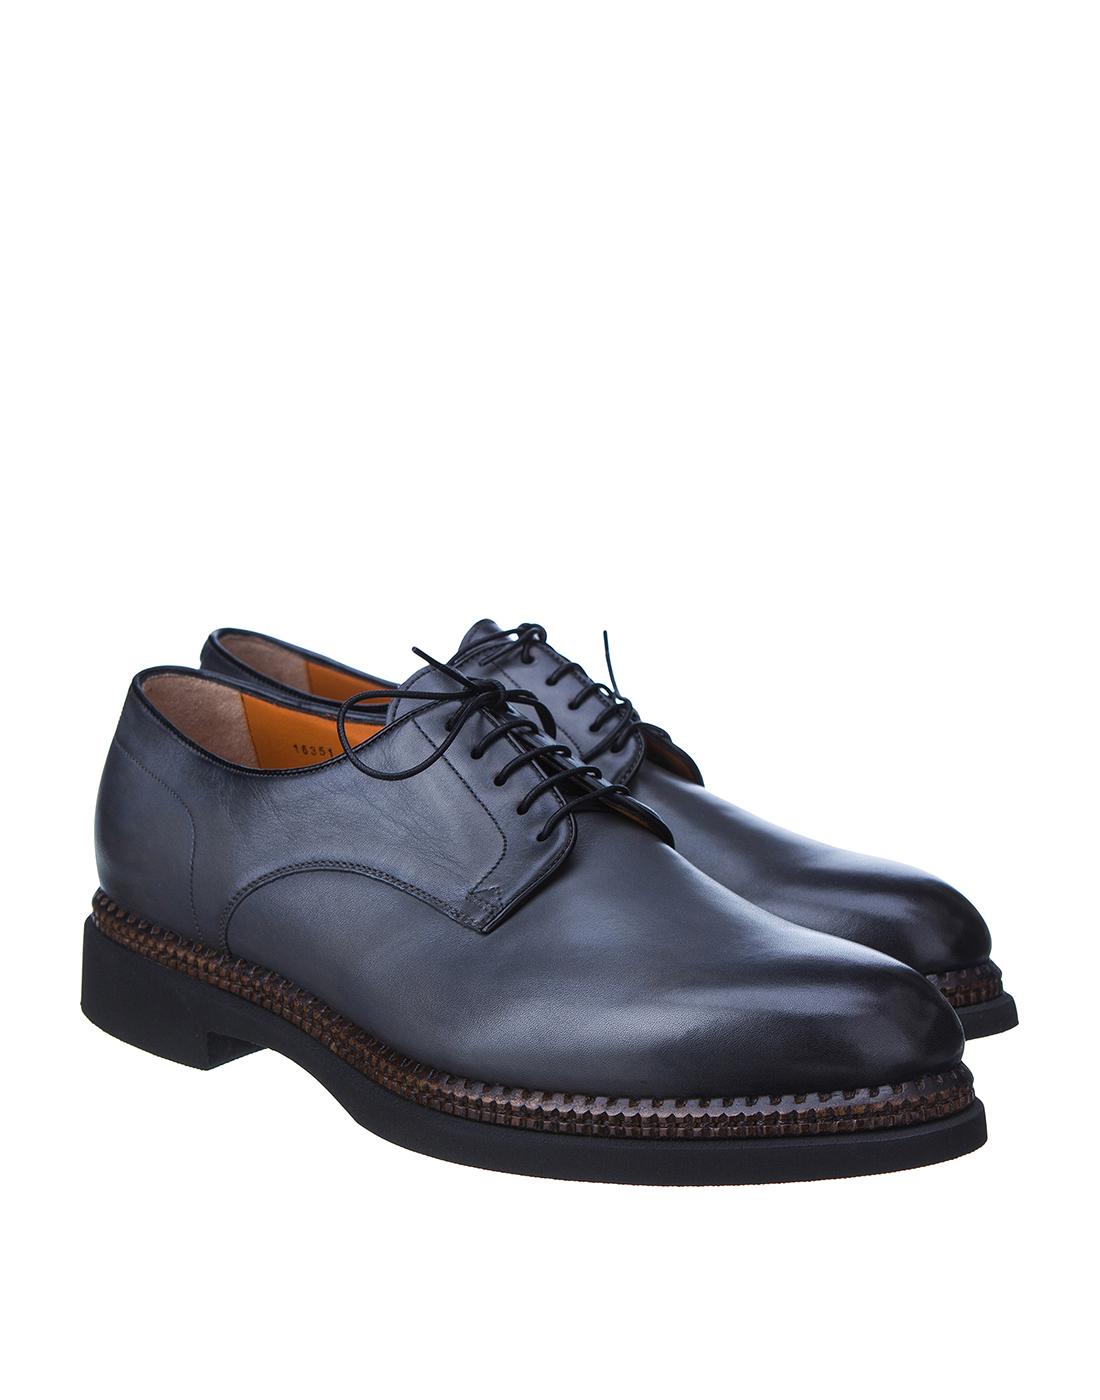 Туфли серые мужские Santoni S16351-2